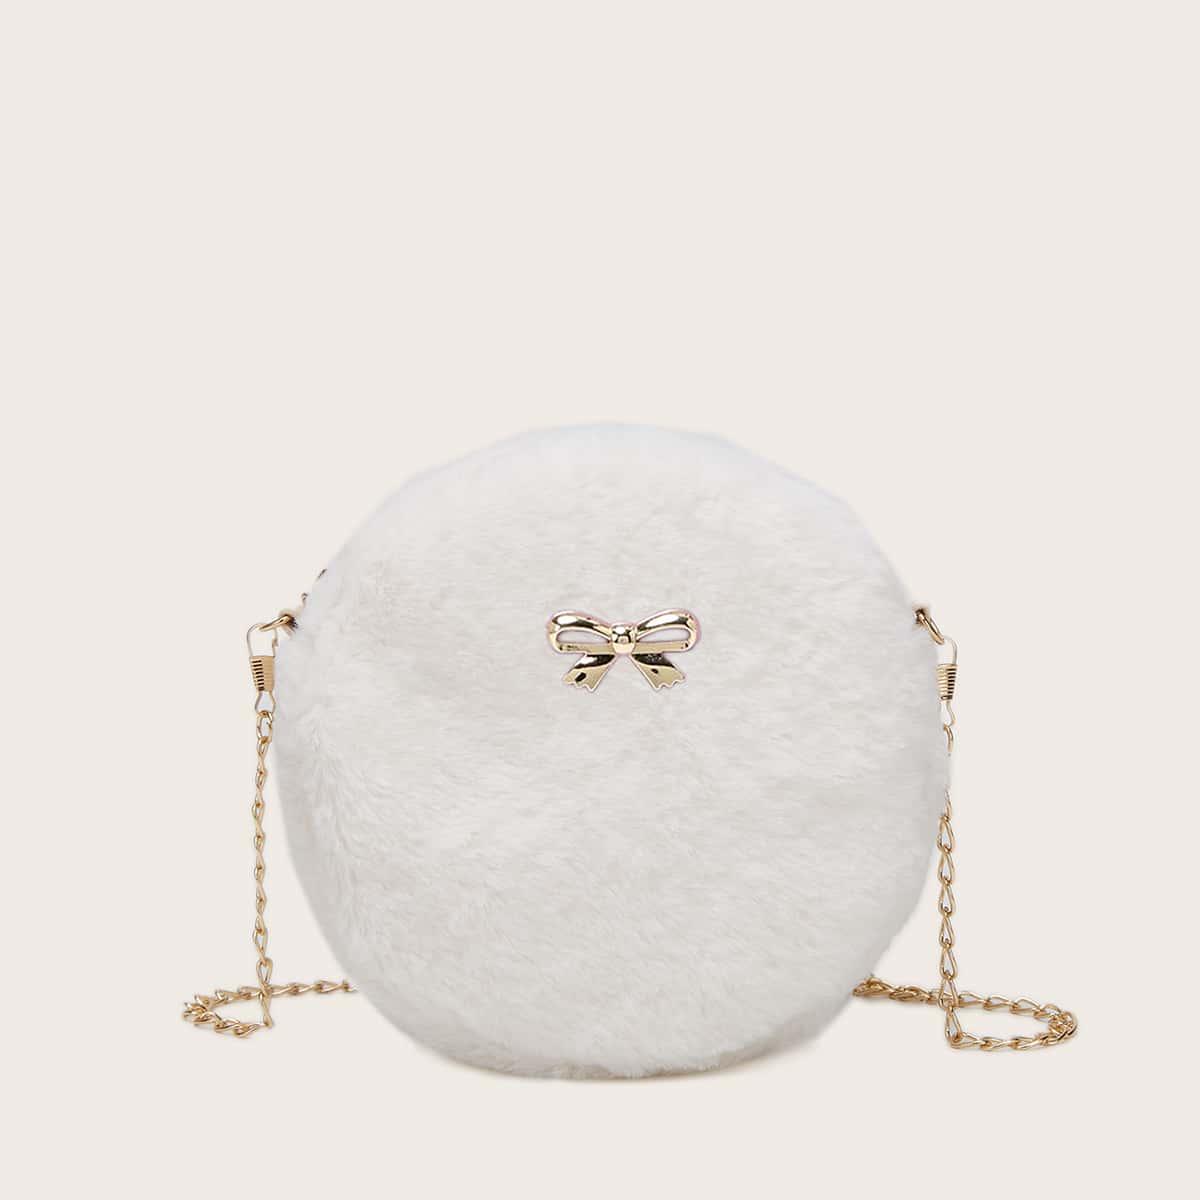 Плюшевая круглая сумка с металлическим бантом